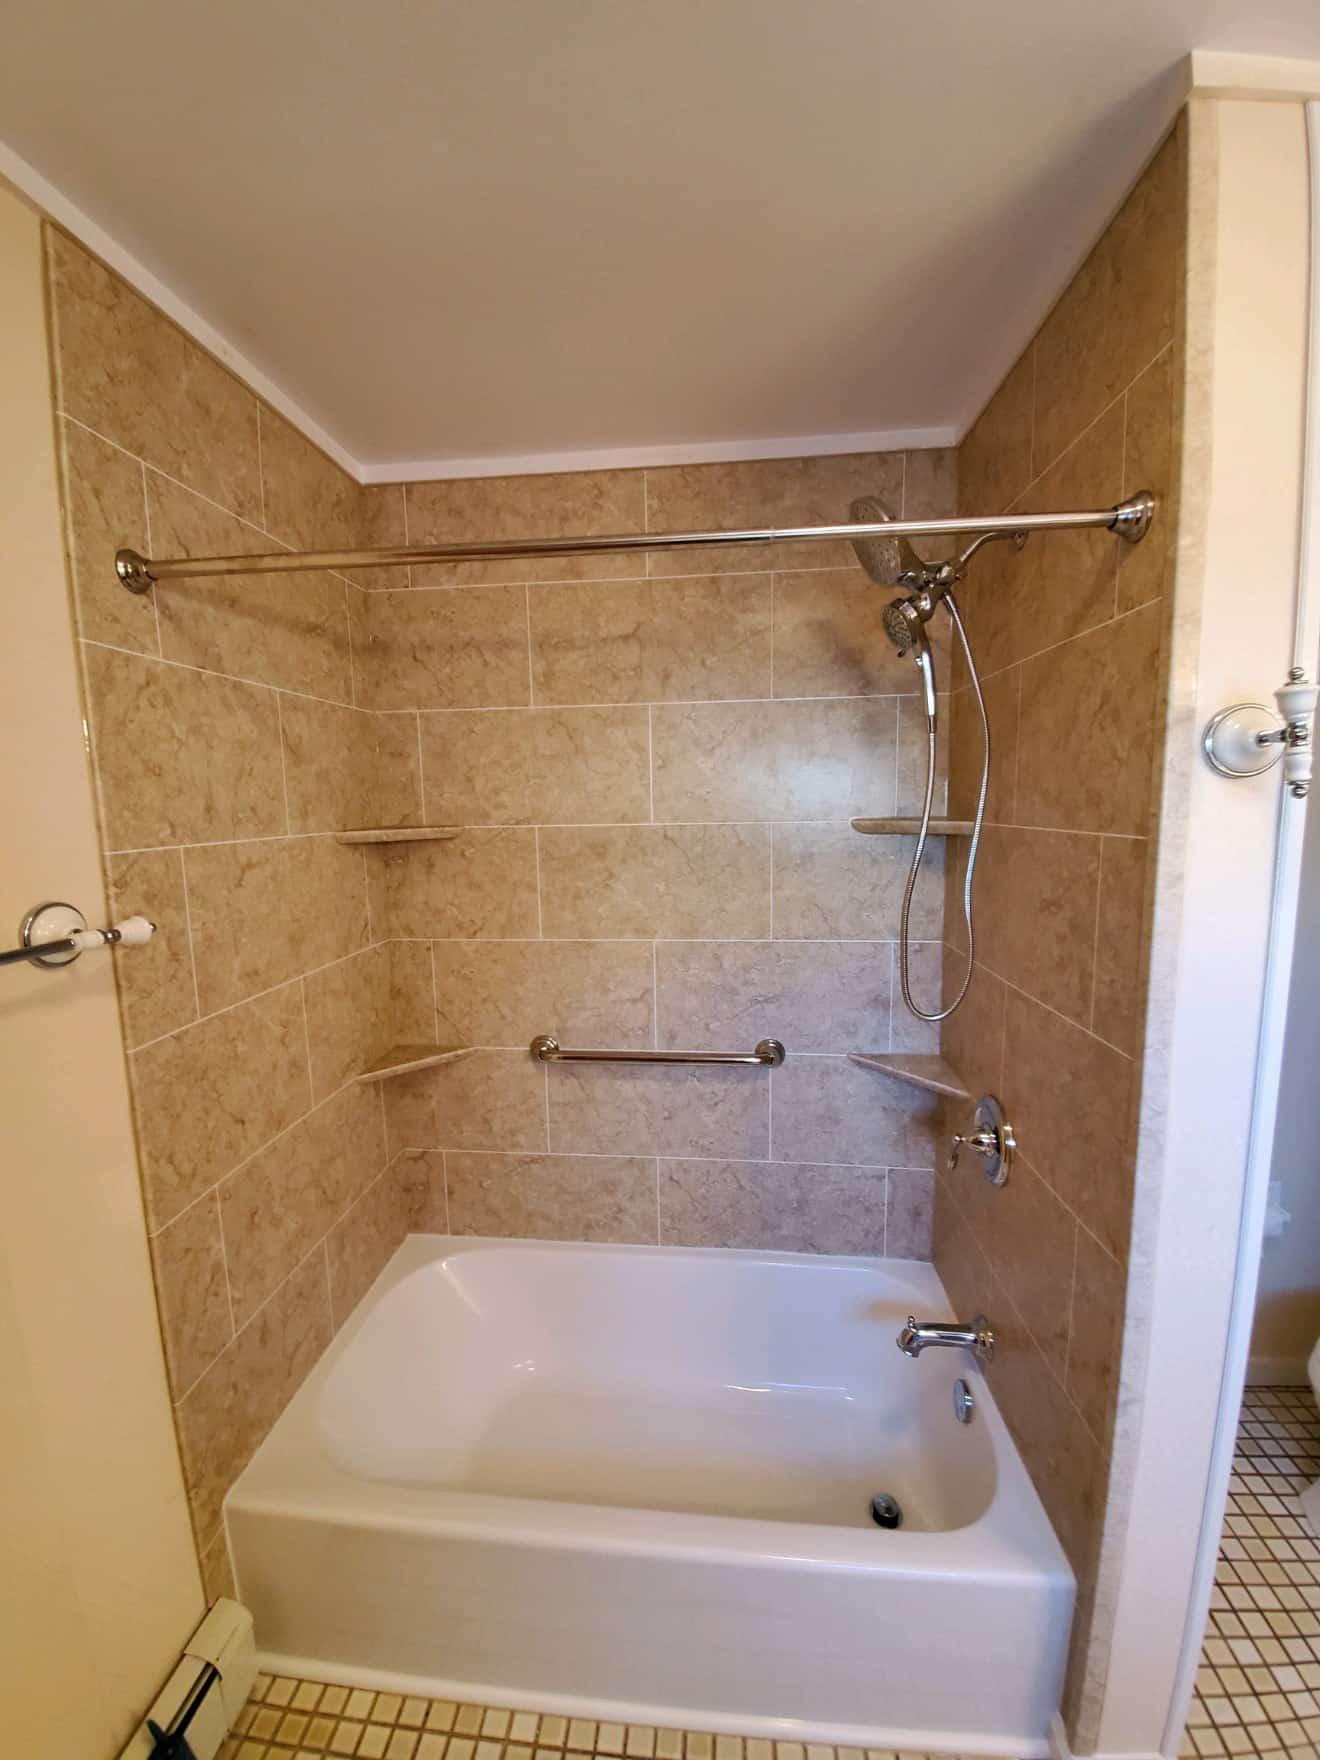 bathtub remodeling - after 1